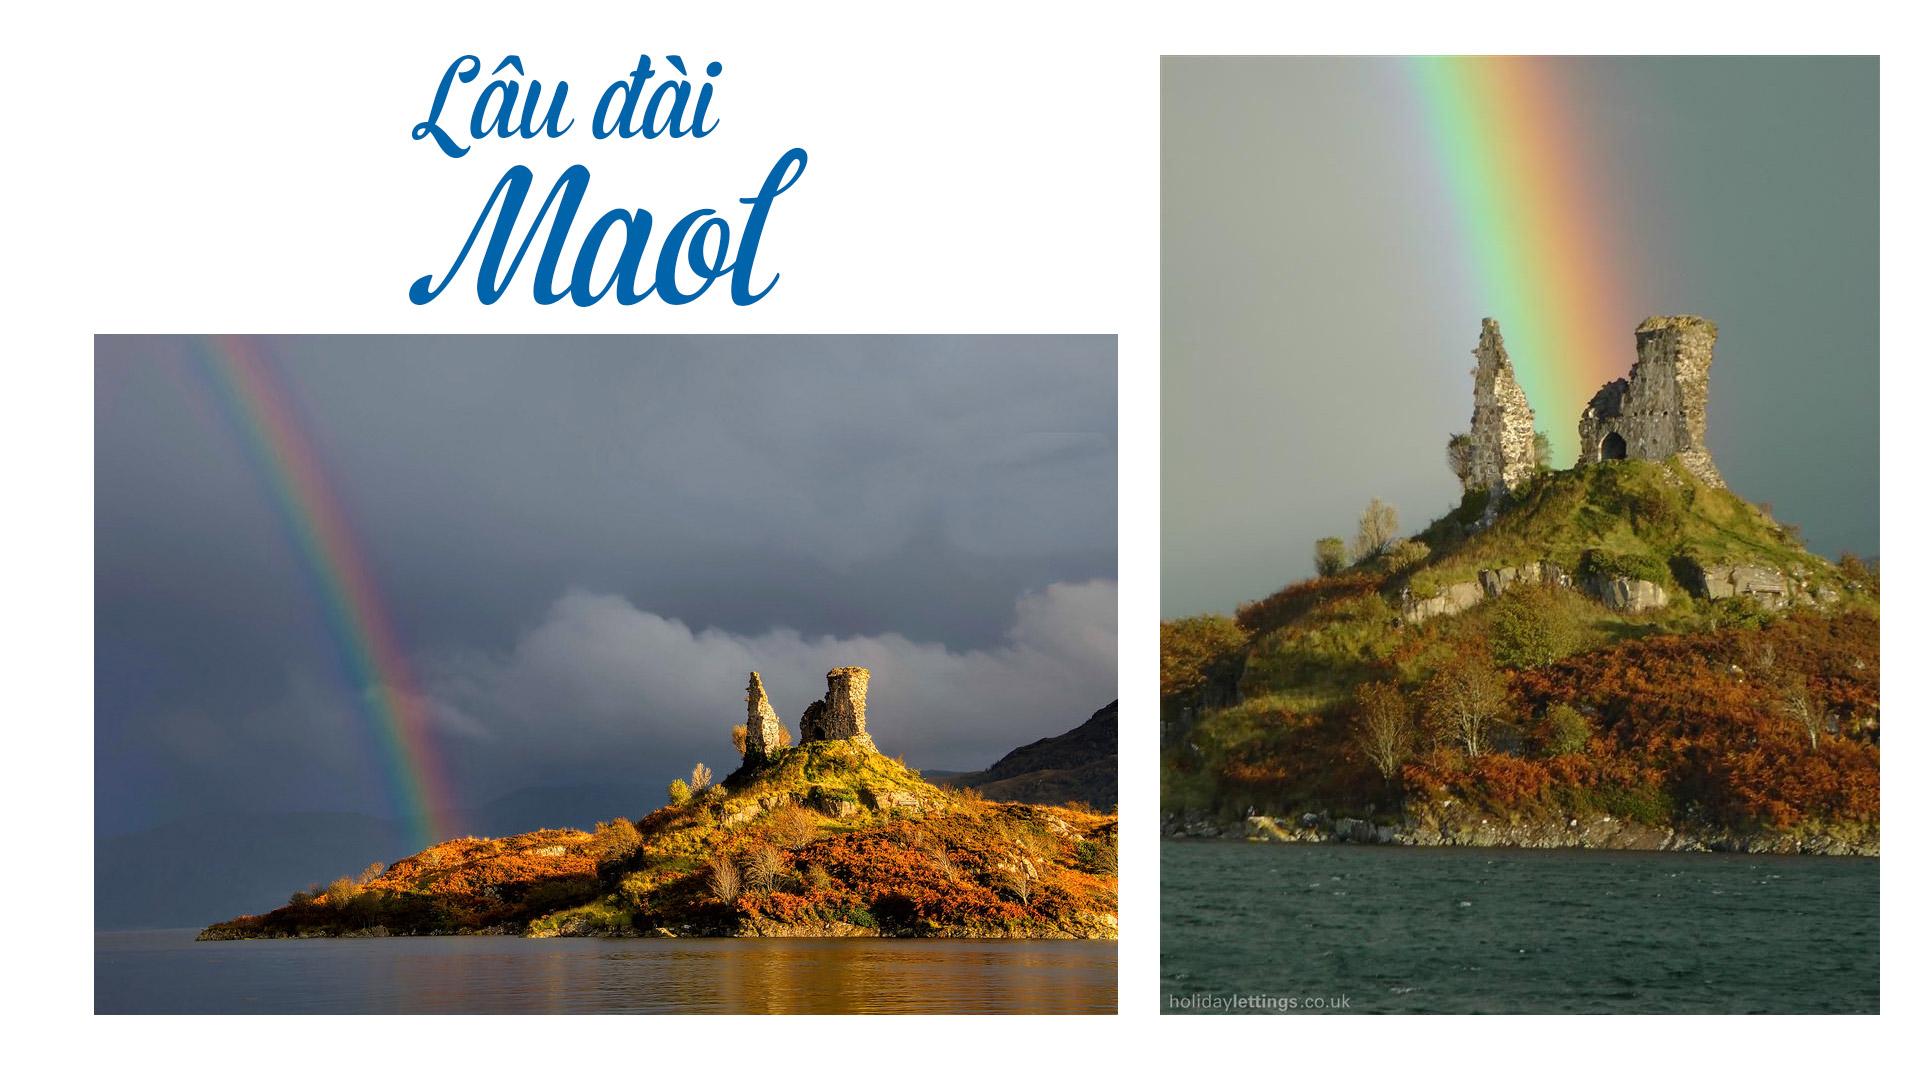 17 lâu đài cổ tích châu Âu đáng đến thăm vào mùa đông - 16